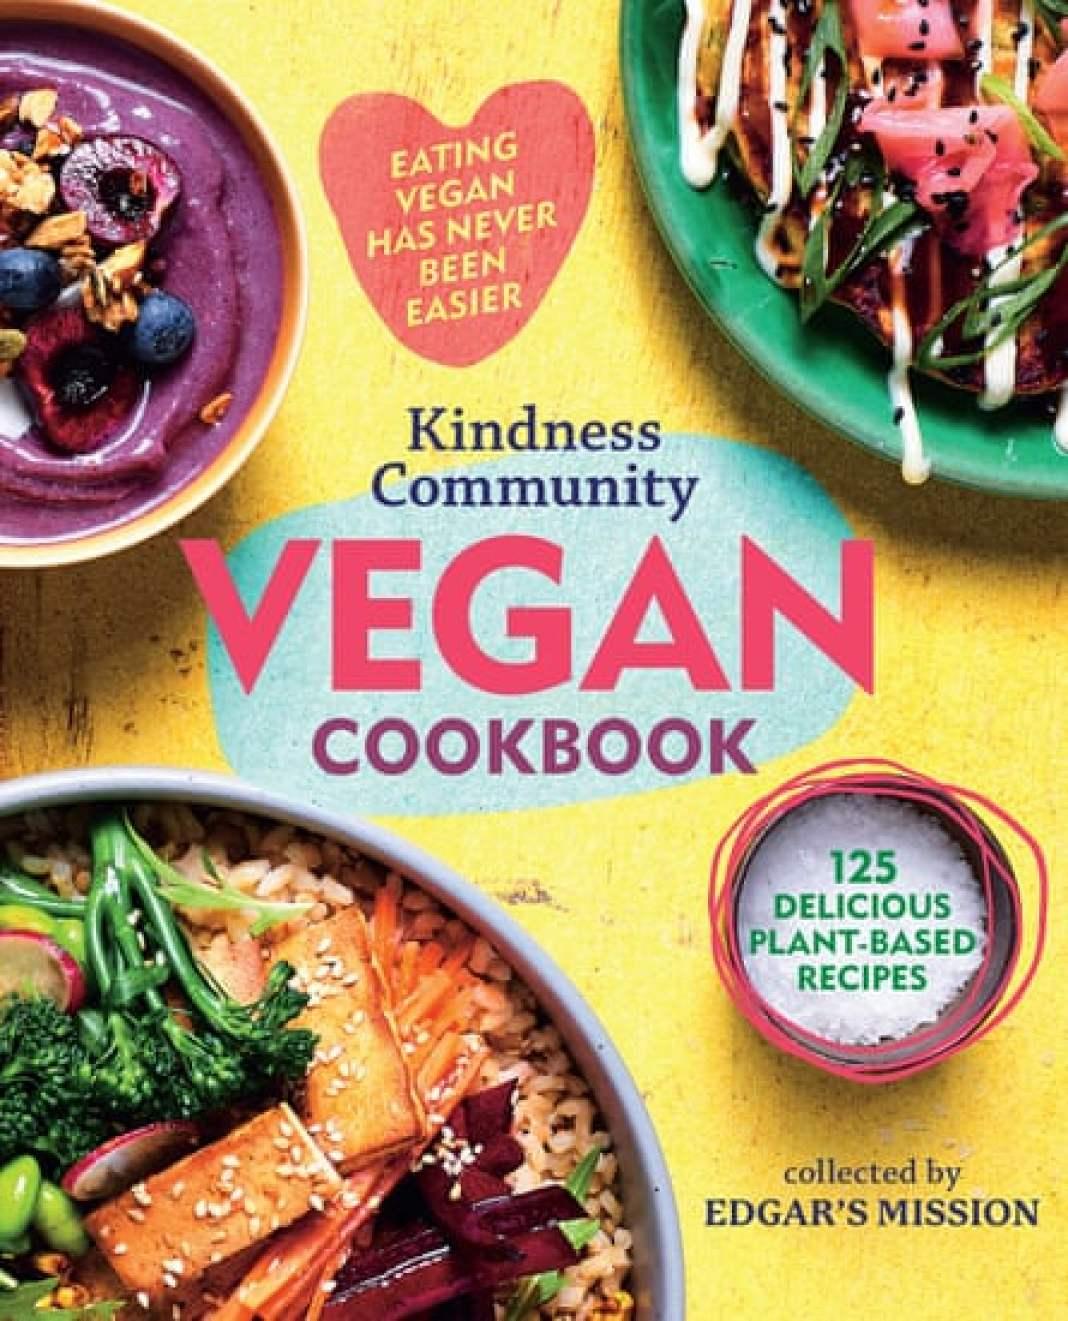 Kindness Community Vegan Cookbook - Cover Image - $35, Affirm Press